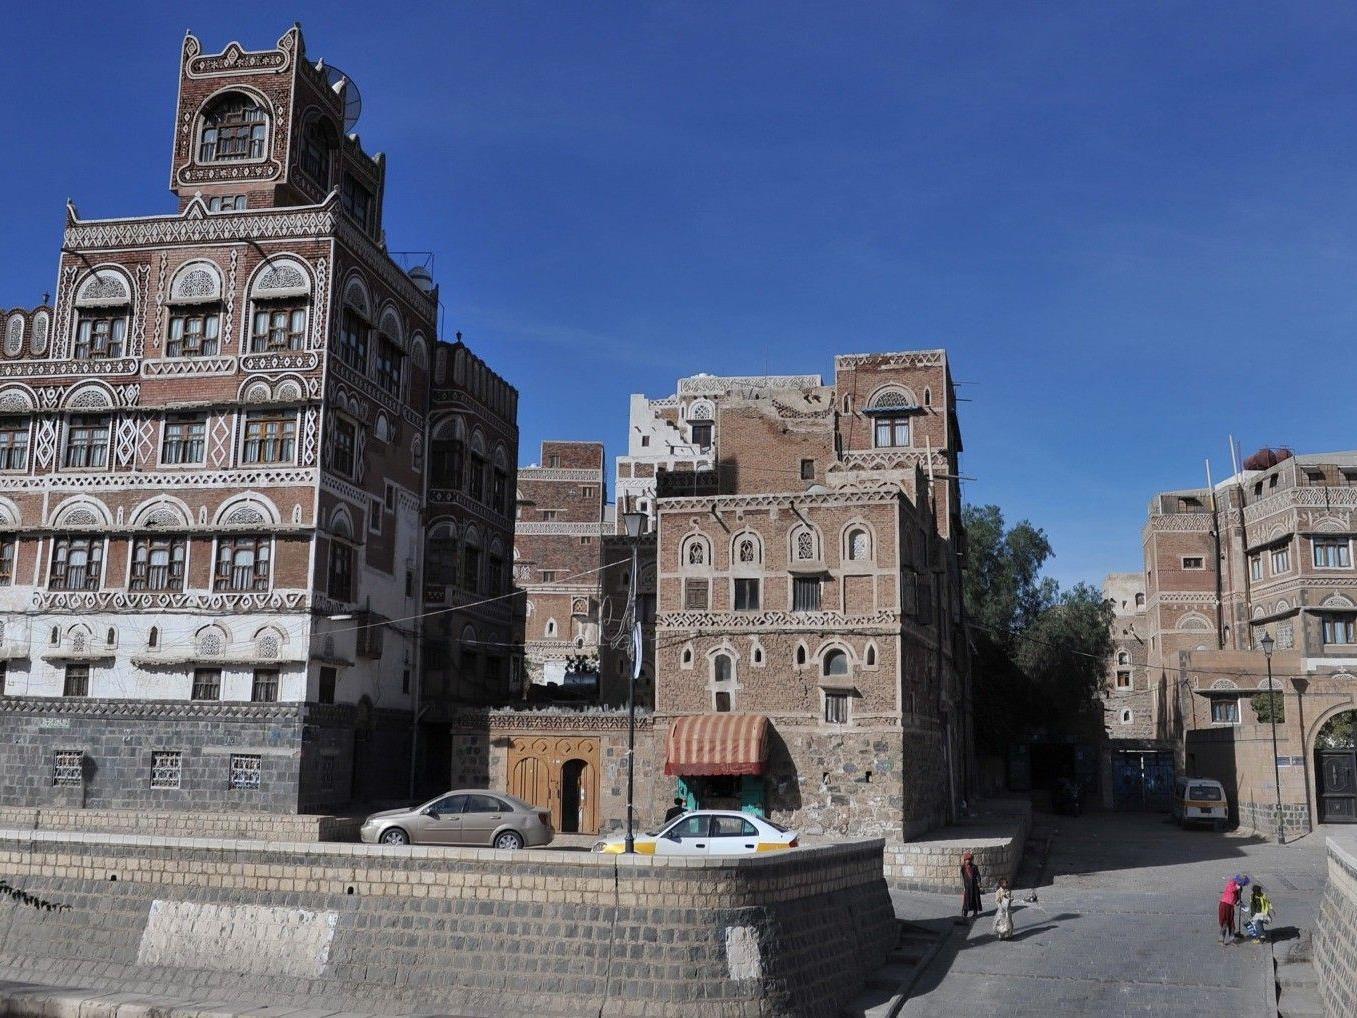 Die Entführung im Jemen hätte vermieden werden können, meinen Journalisten.